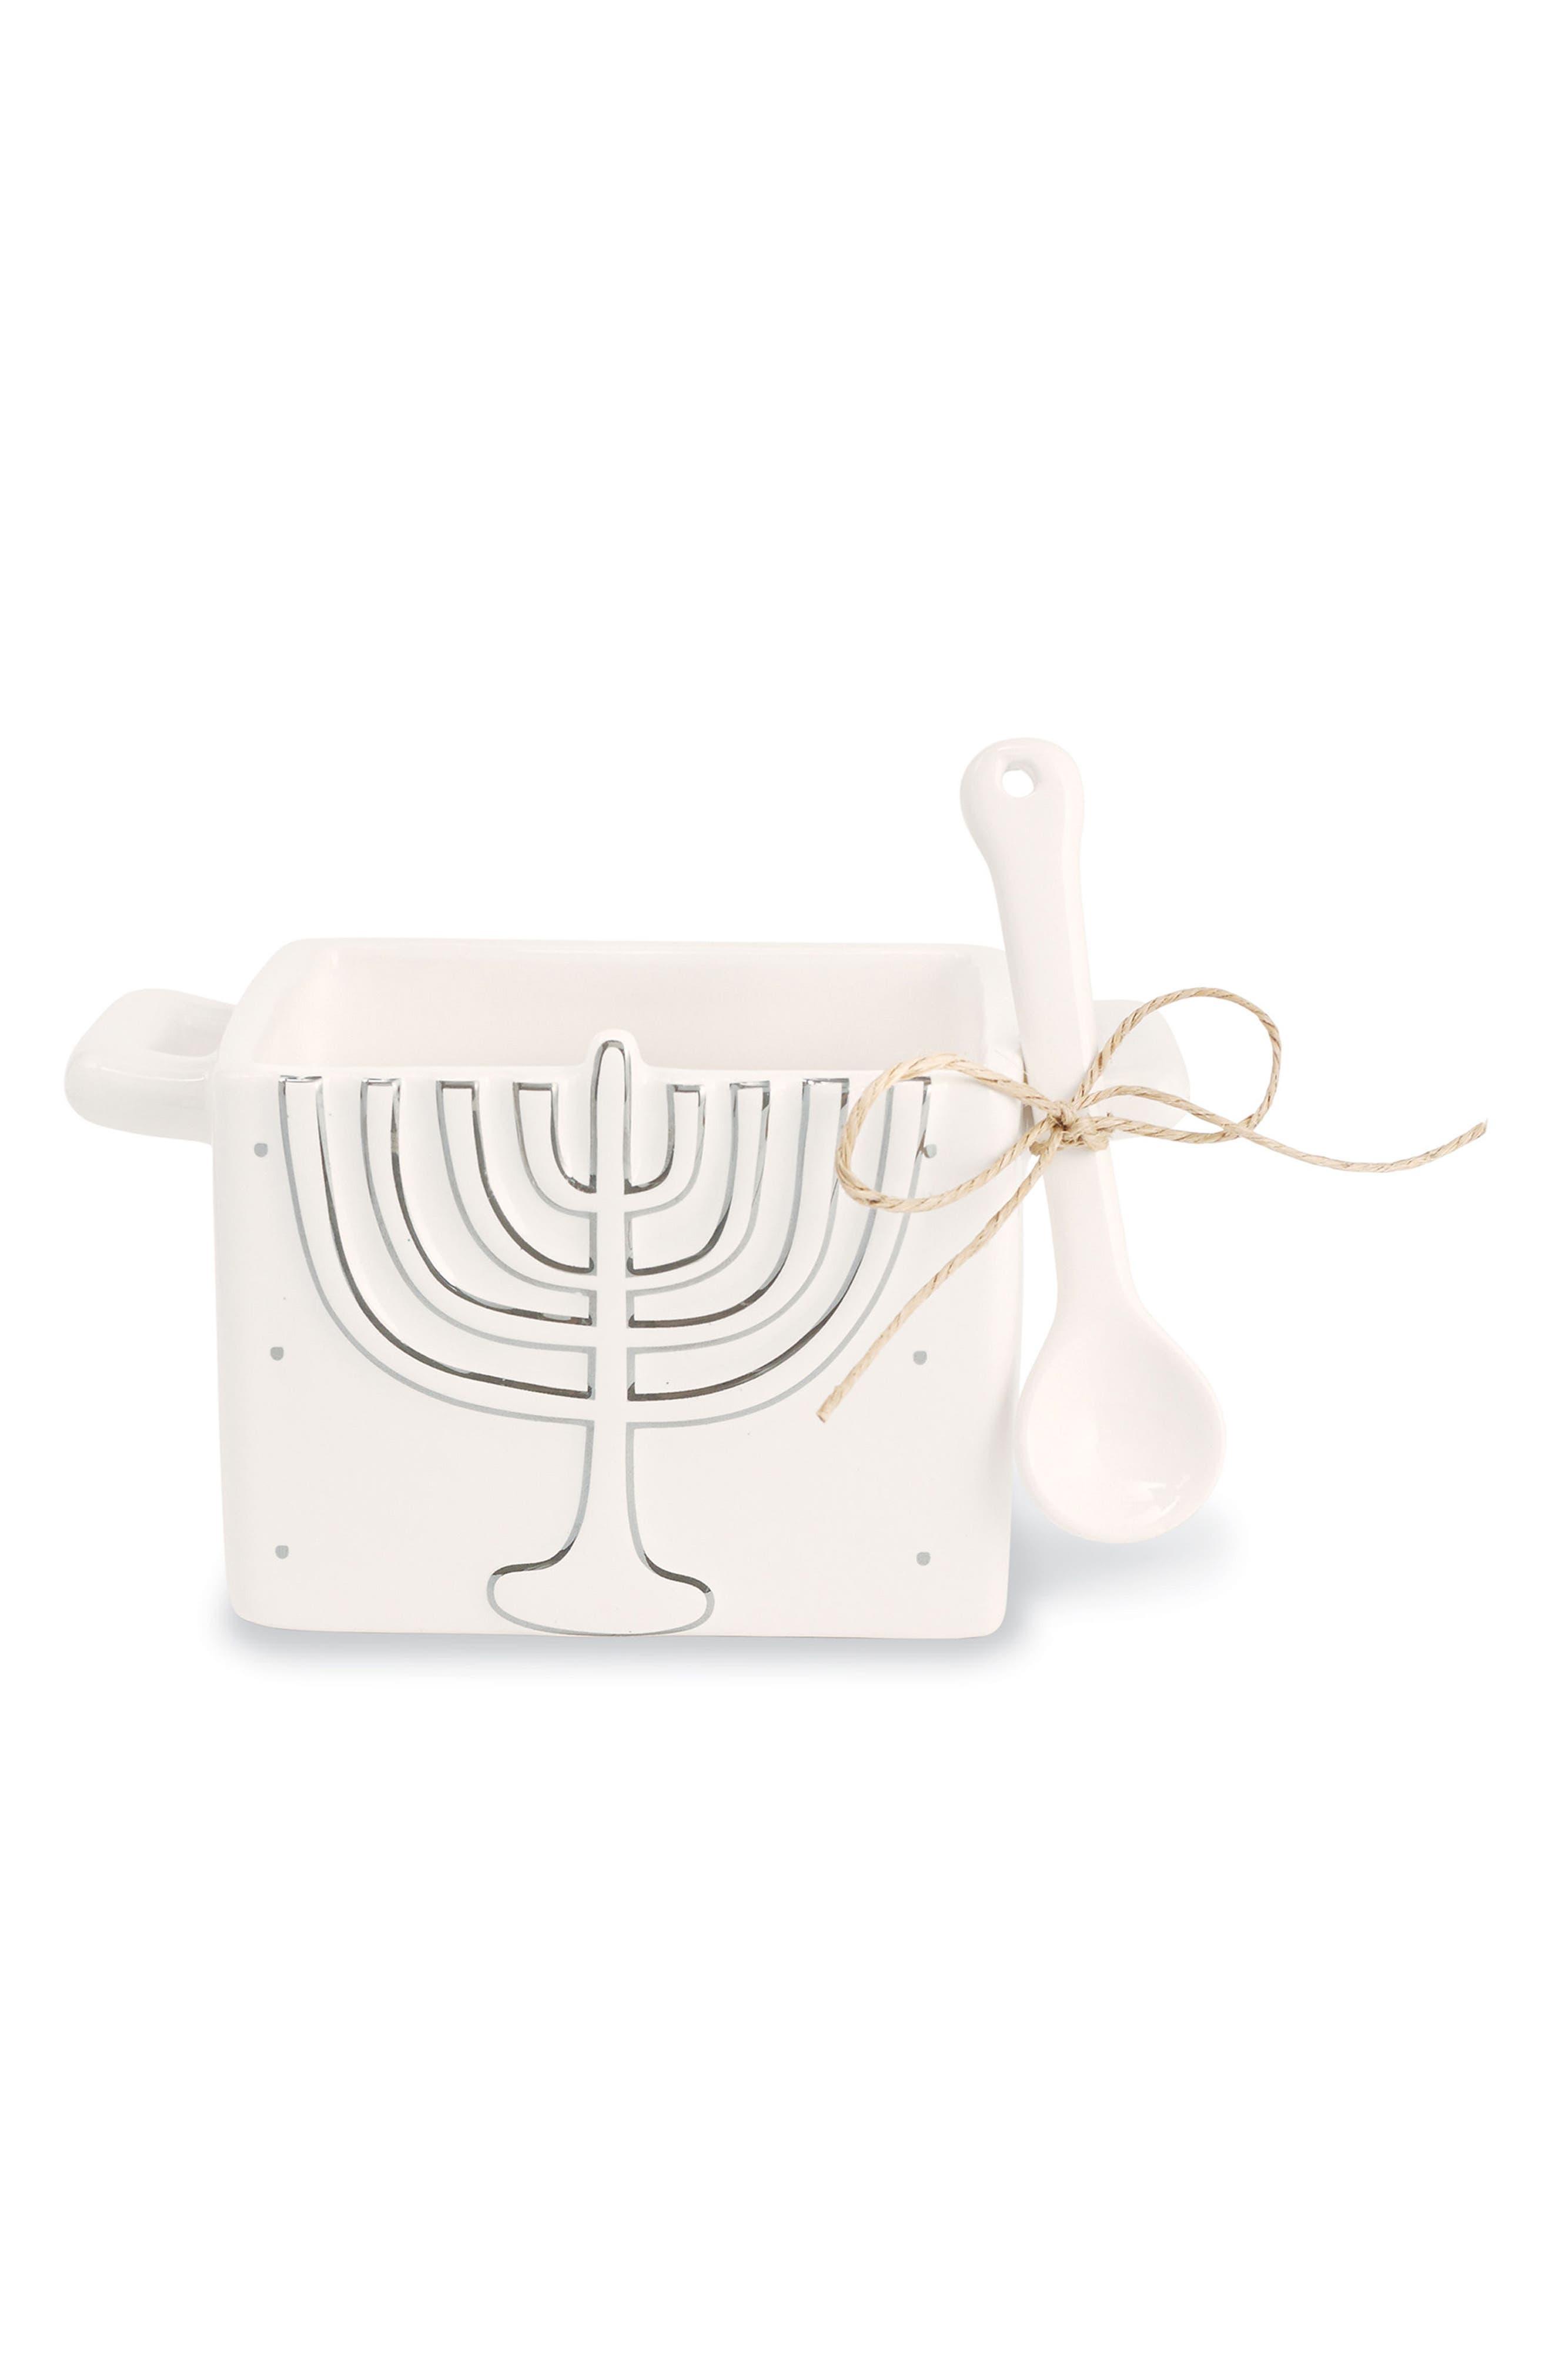 Menorah Hanukkah Candy Caddy & Spoon,                             Main thumbnail 1, color,                             100